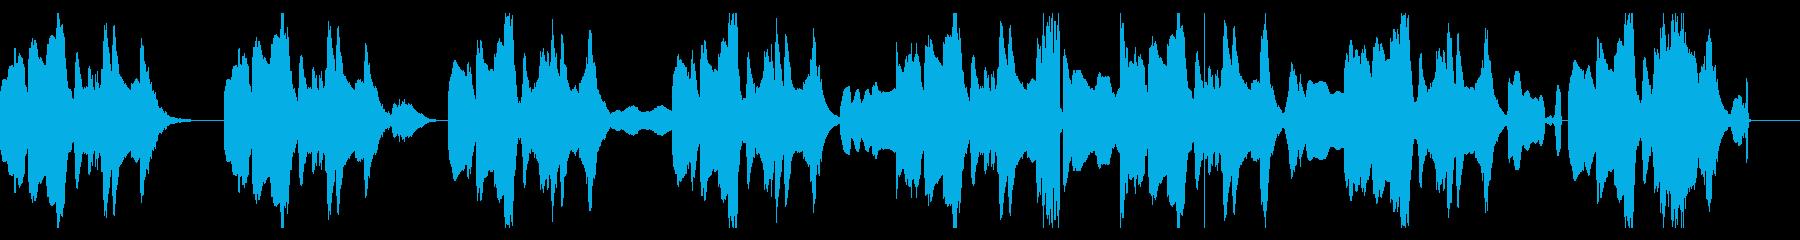 音痴リコーダーのちょっと間抜けなBGMの再生済みの波形